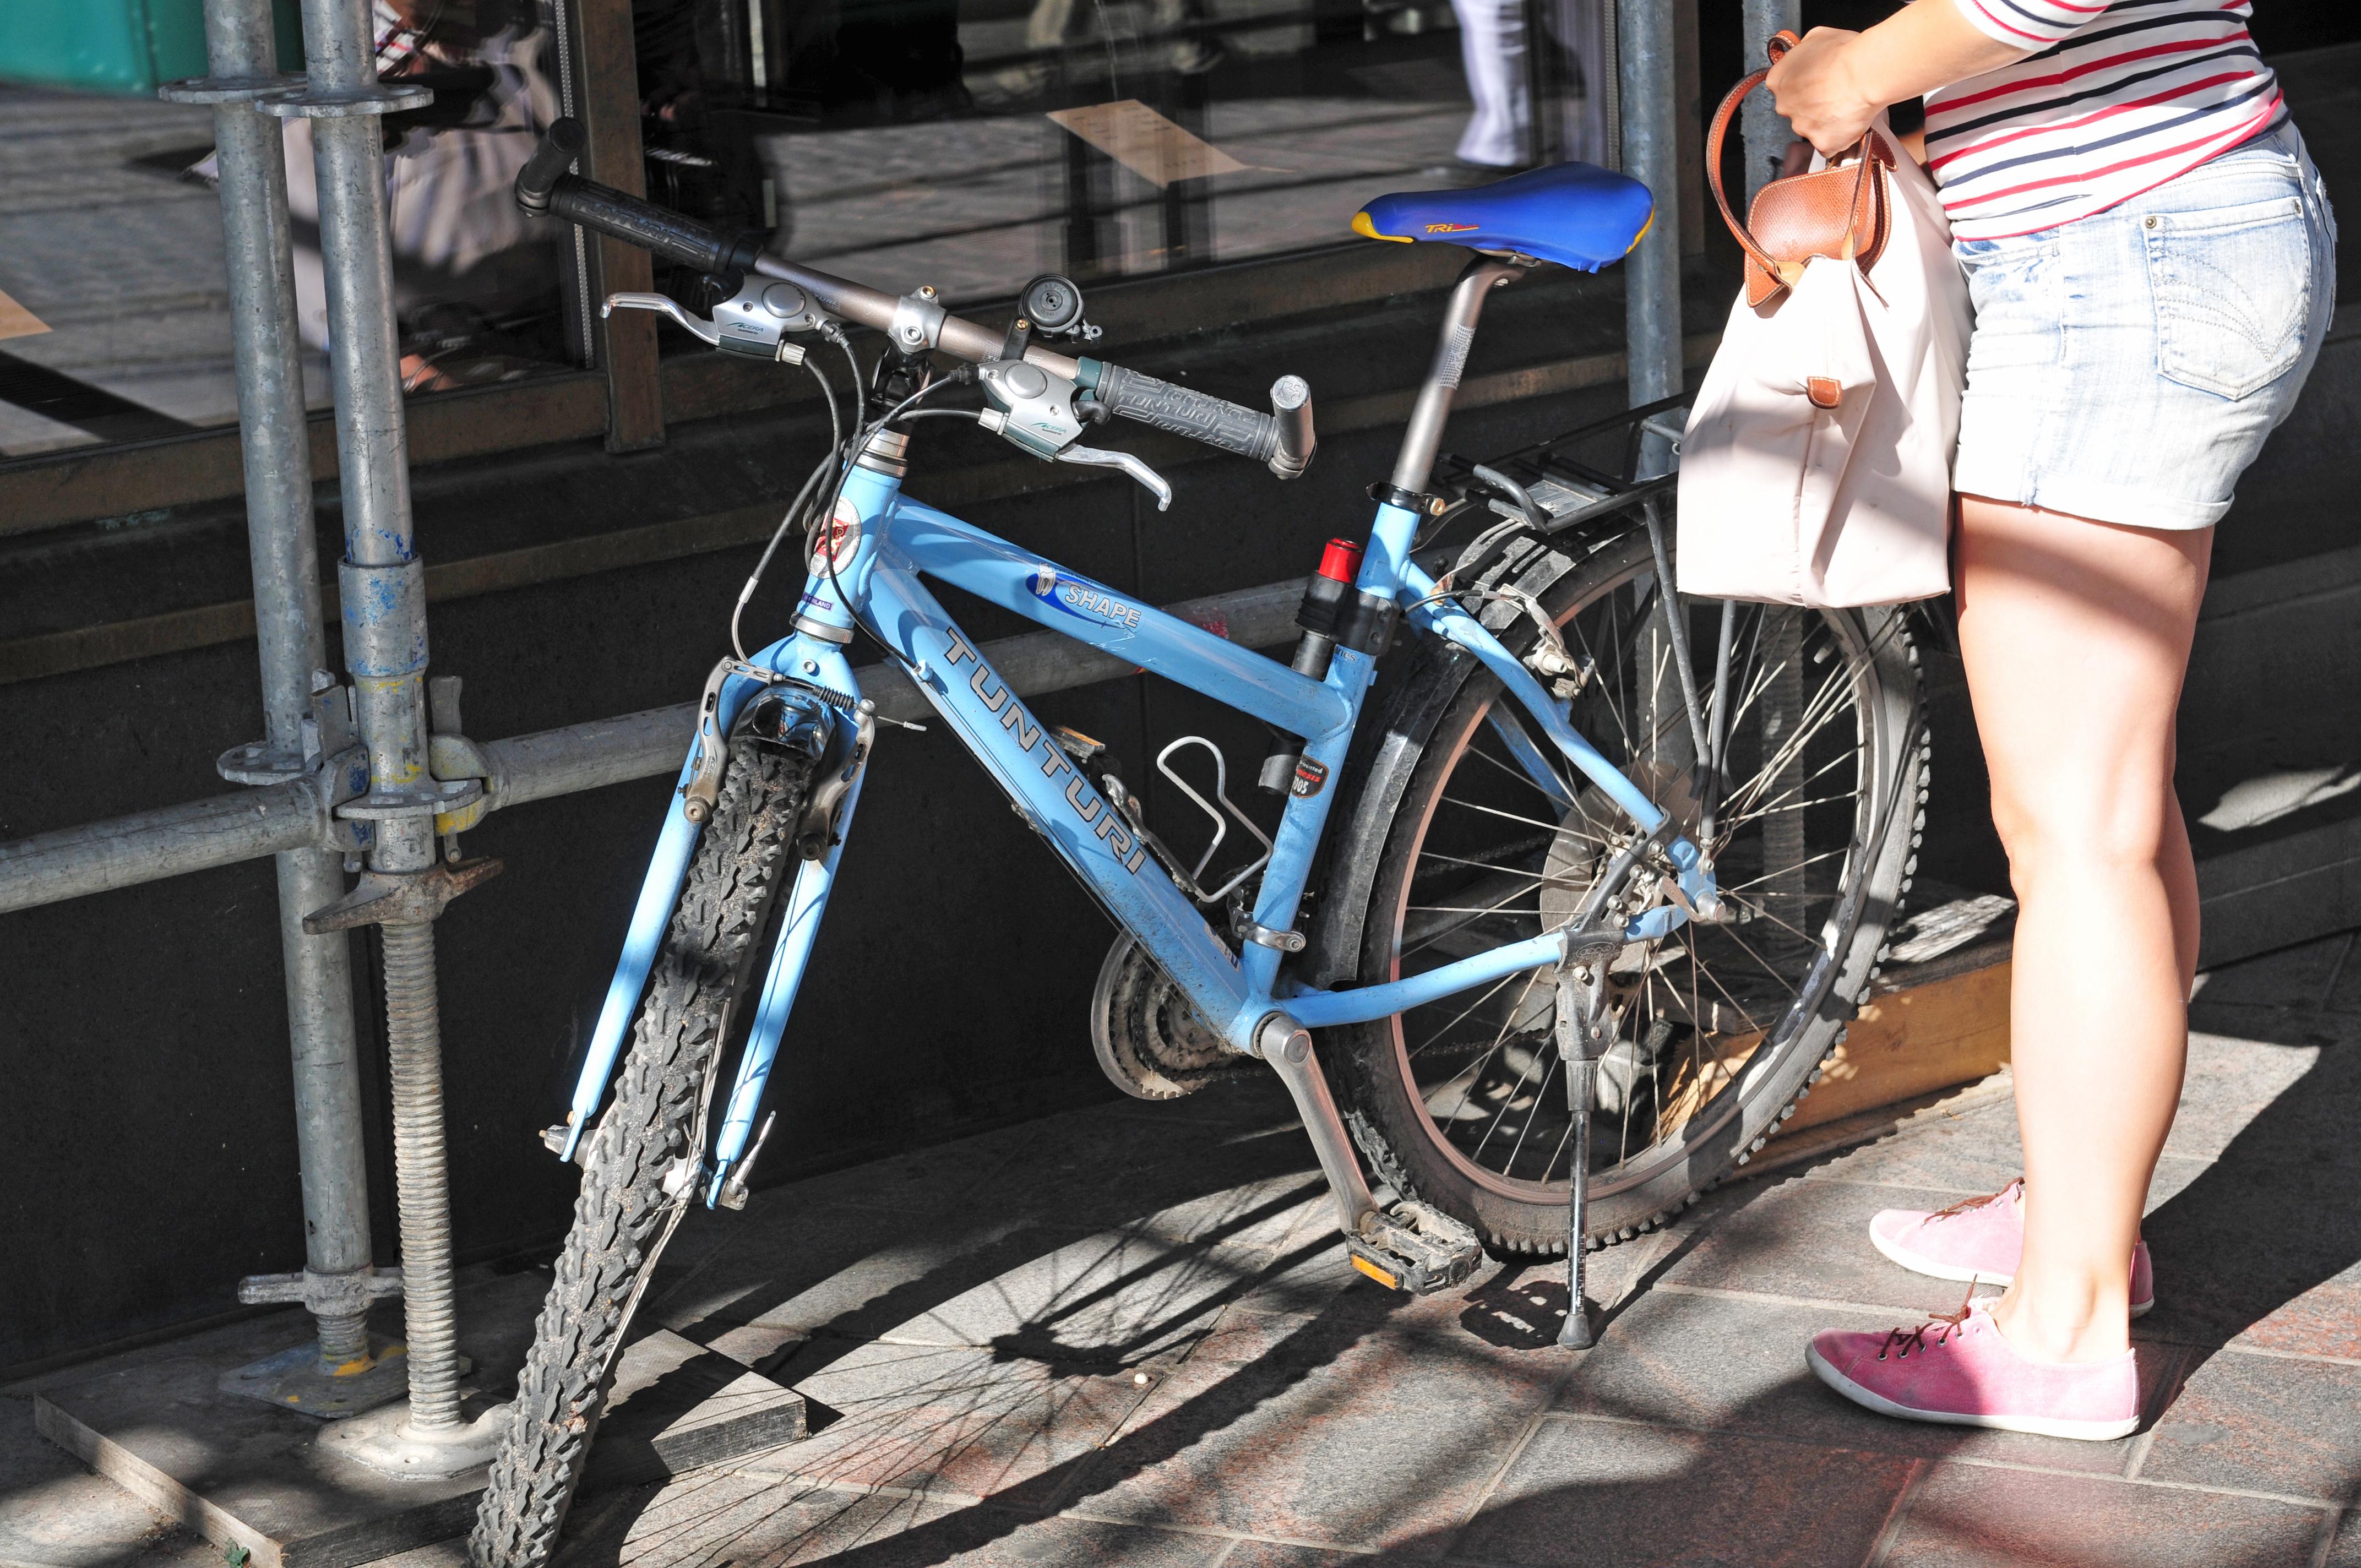 14-08-12-Helsinki-Fahrrad-Tunturi-RalfR-07.jpg